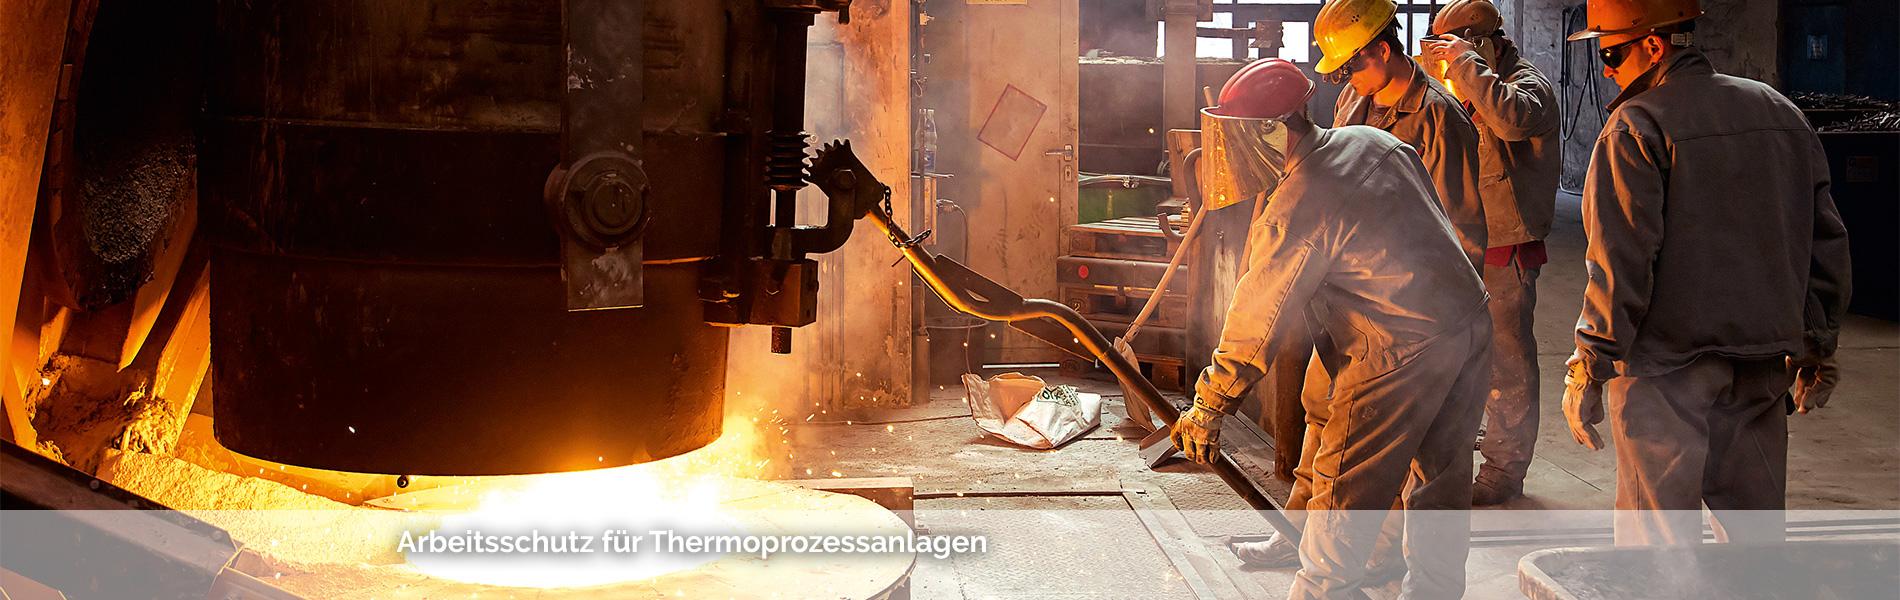 Arbeitsschutz für Thermoprozessanlagen